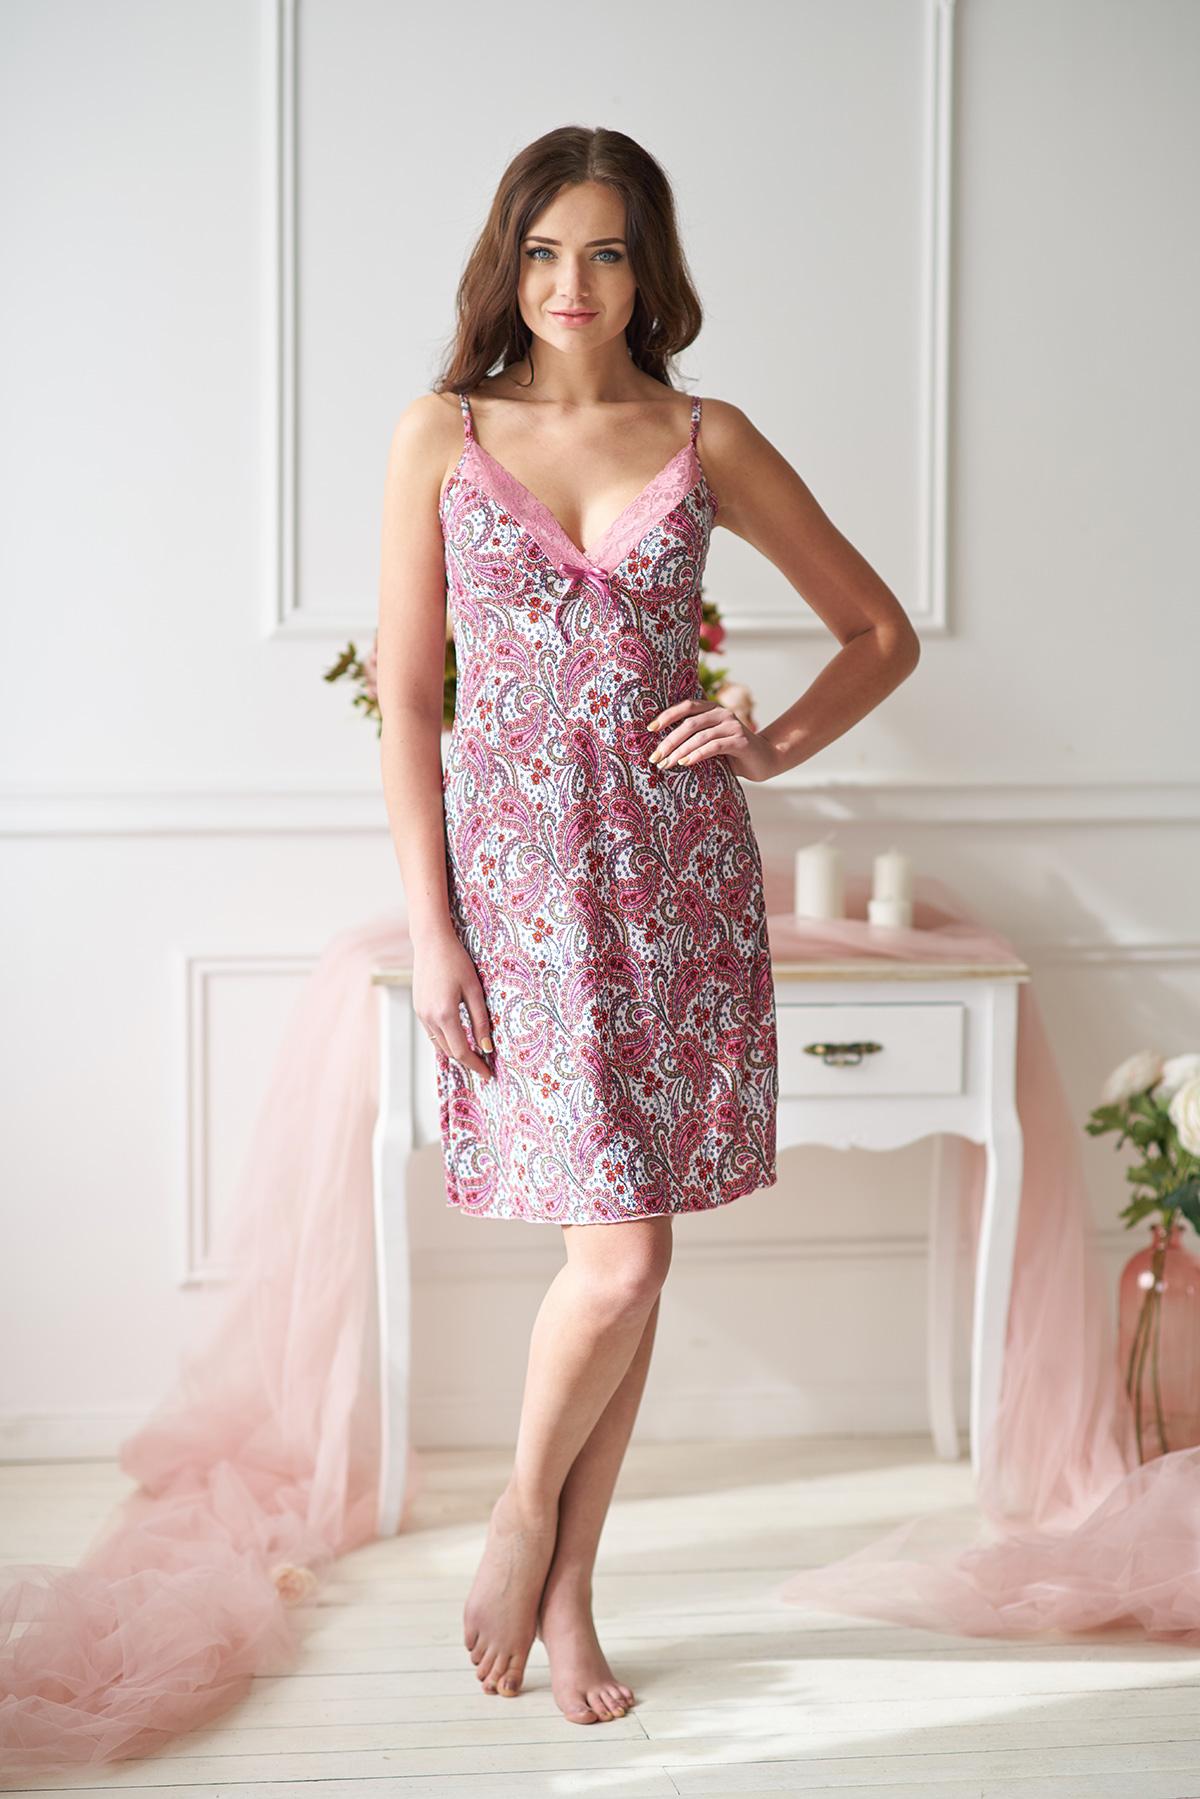 Жен. сорочка арт. 19-0014 Розовый р. 54Ночные сорочки<br>Факт. ОГ: 92 см <br>Факт. ОТ: 112 см <br>Факт. ОБ: 120 см <br>Длина по спинке: 79 см<br><br>Тип: Жен. сорочка<br>Размер: 54<br>Материал: Масло